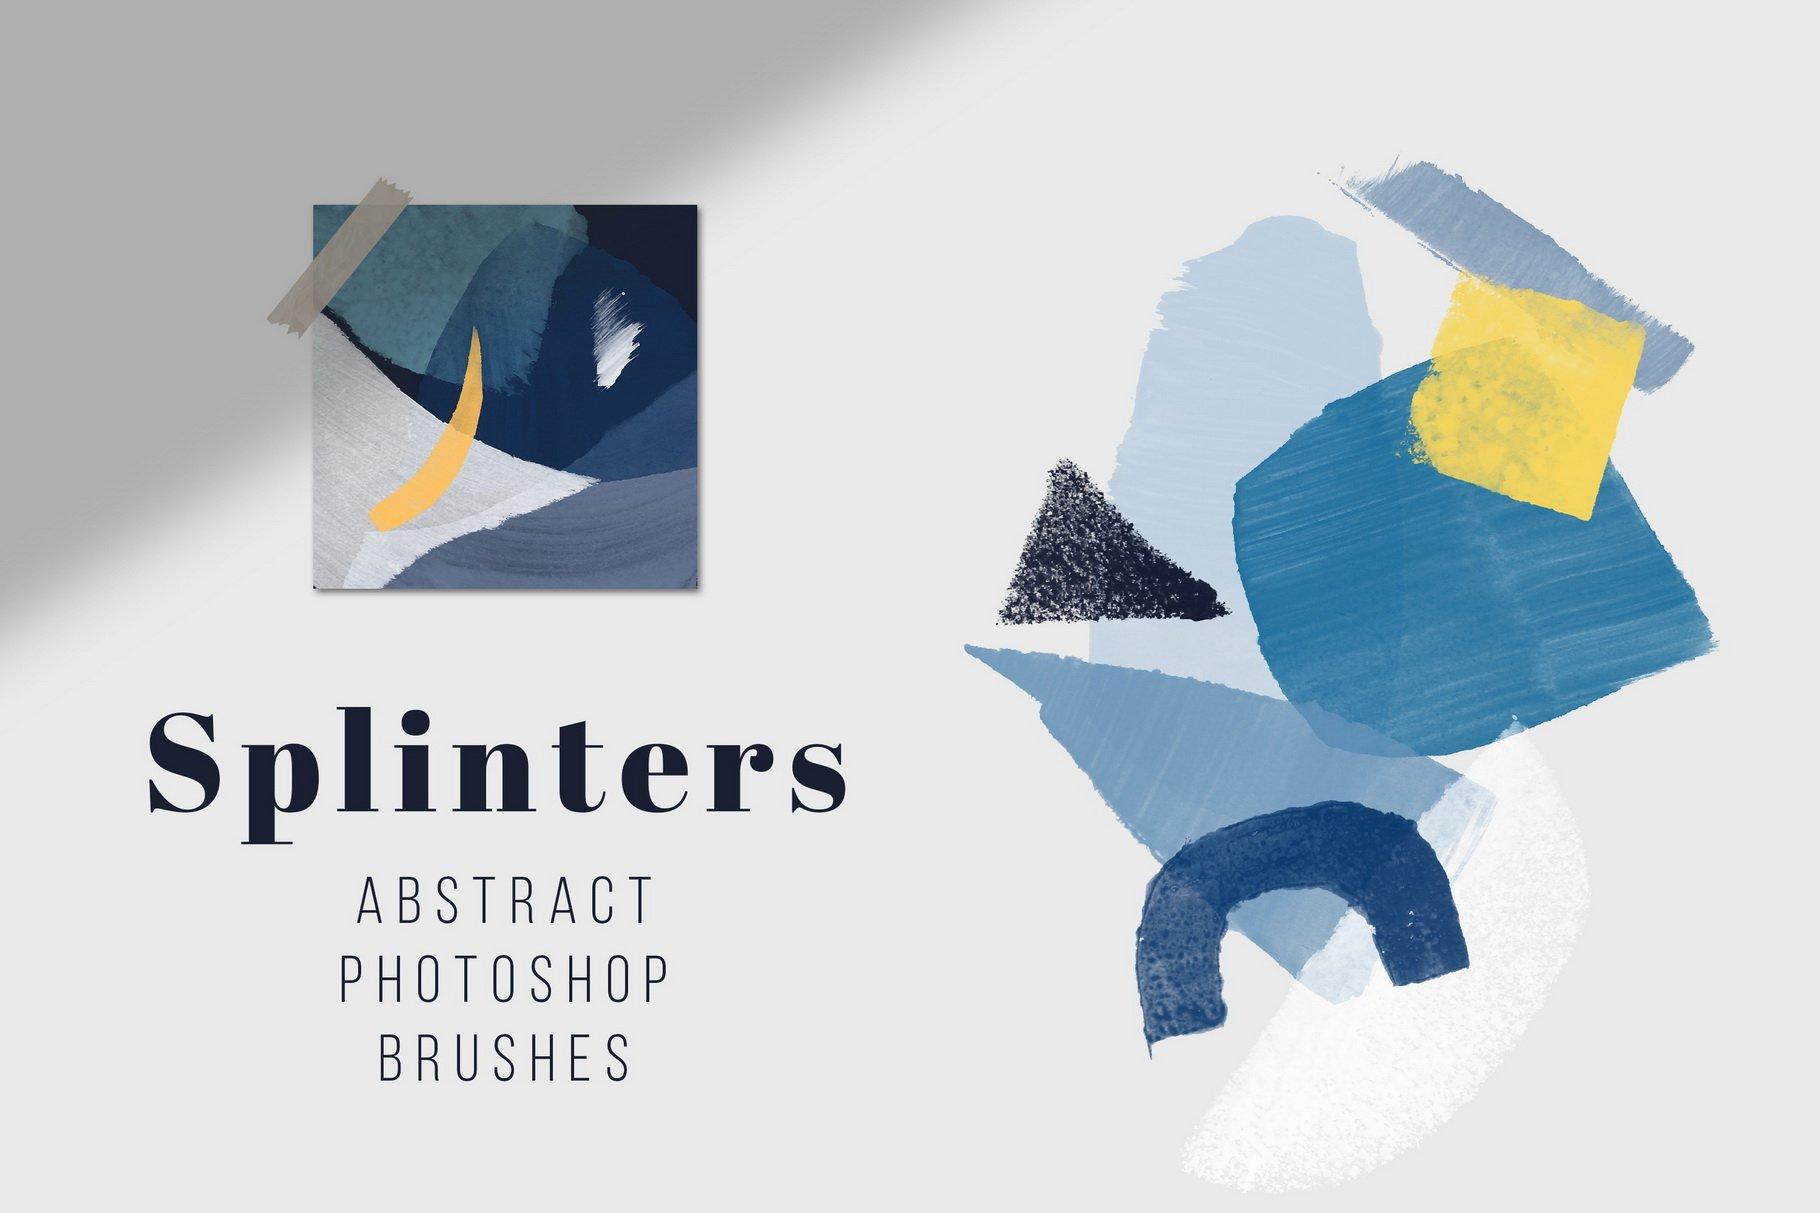 775款艺术气息水彩水墨丙烯酸绘画效果PS图章笔刷素材 Photoshop Stamp Brushes Bundle 2020插图5